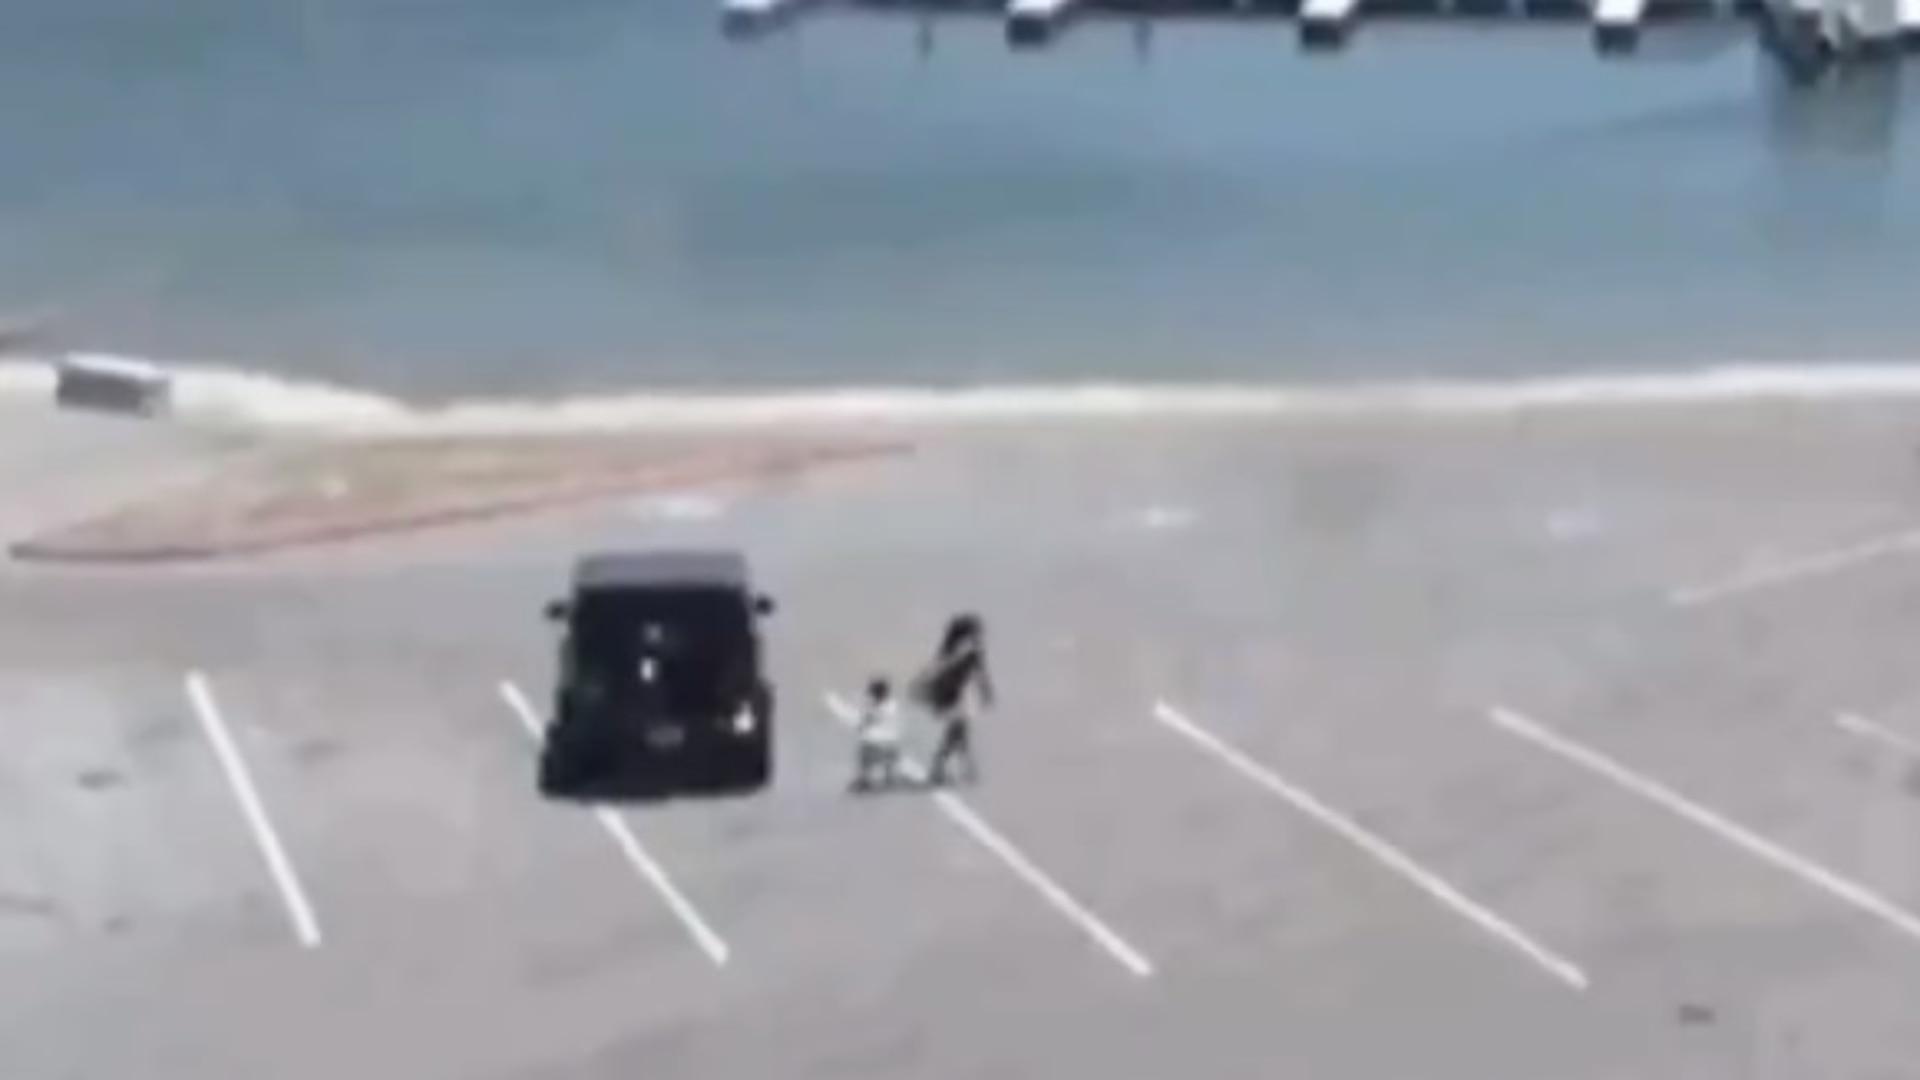 La policía difundió un video que muestra a Naya Rivera junto a su hijo minutos antes de su desaparición  - Infobae